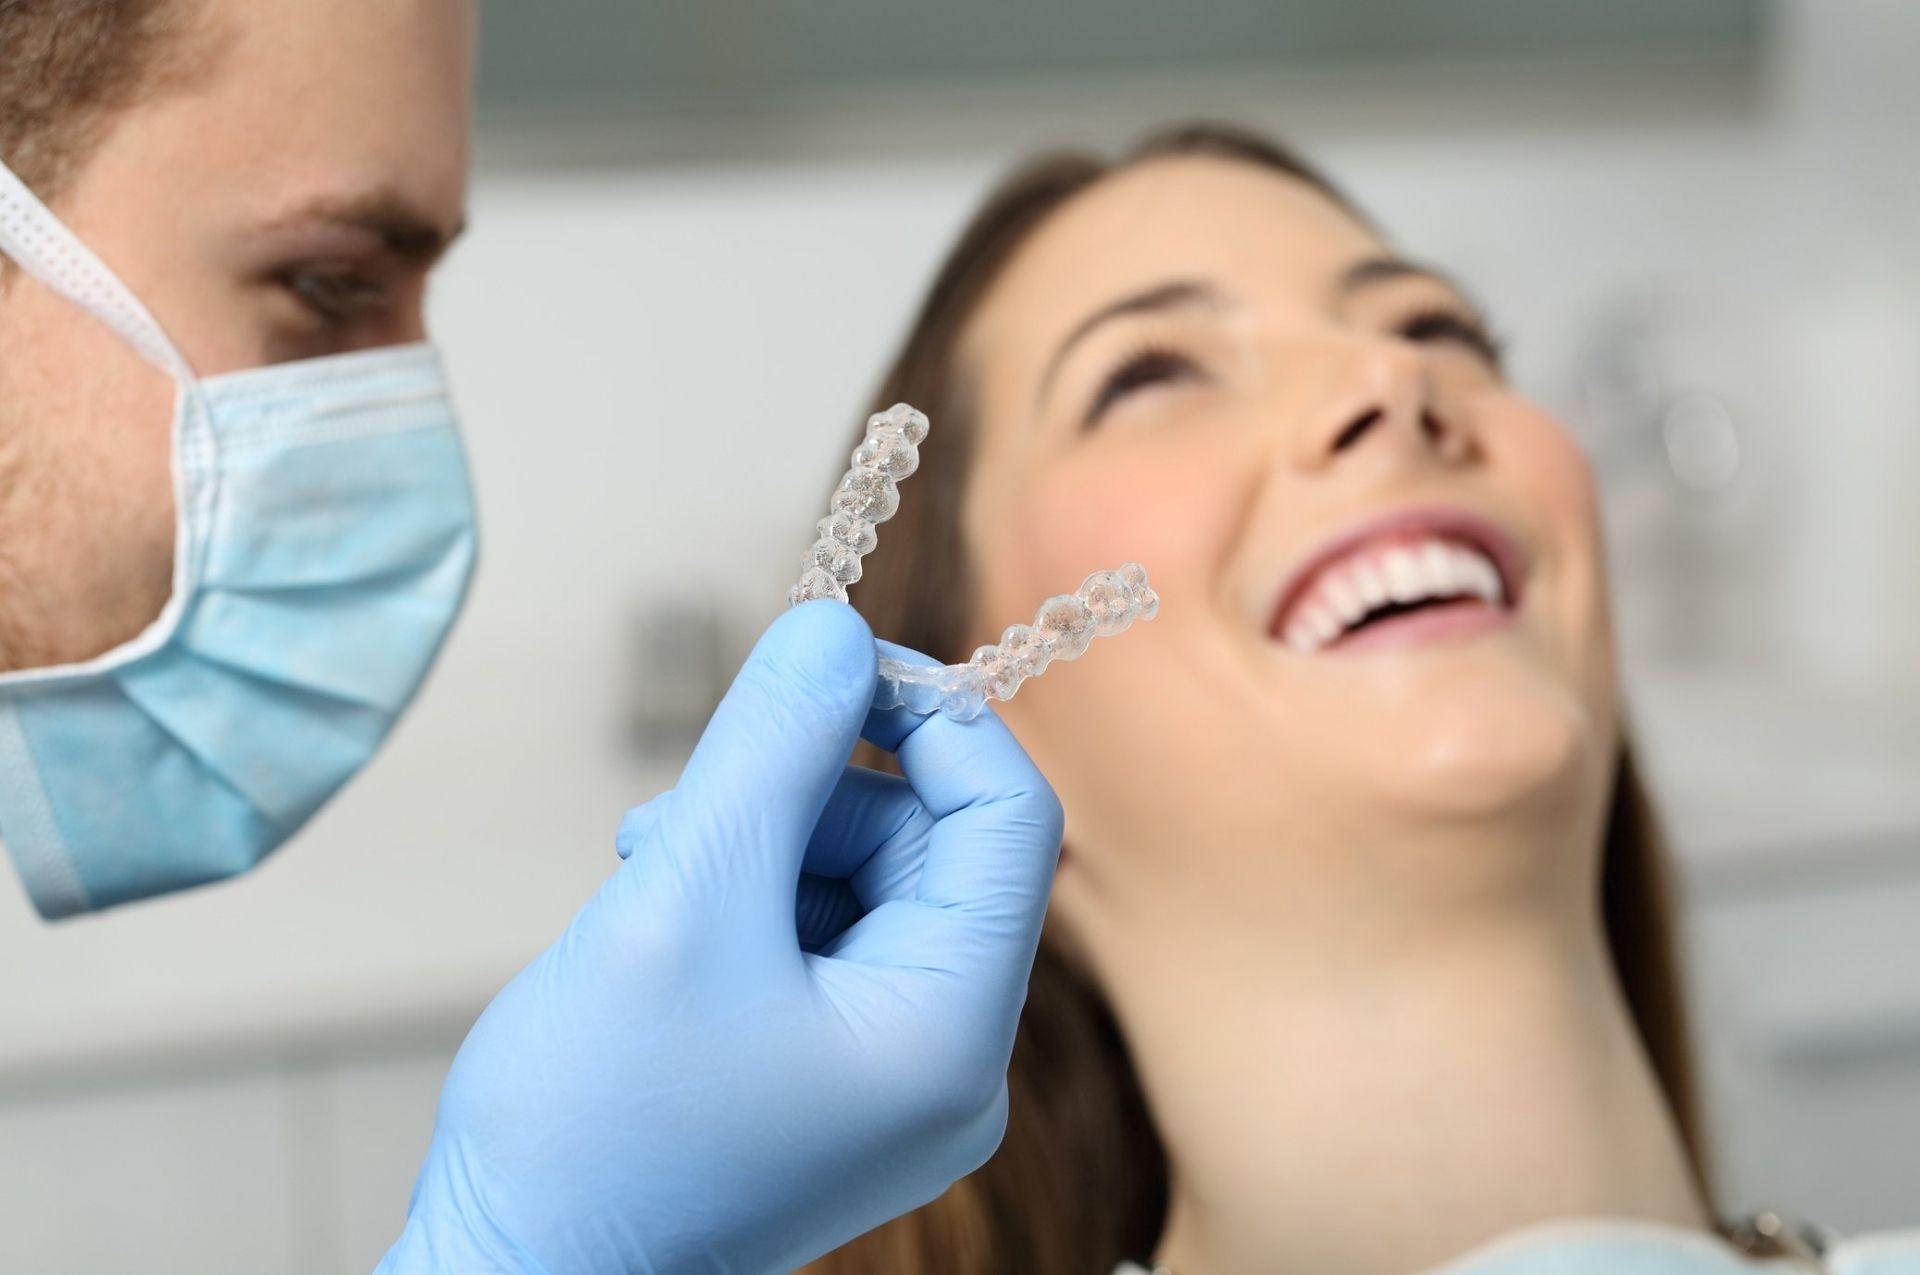 Estética dental: ¿Qué es y cuáles son sus tratamientos?